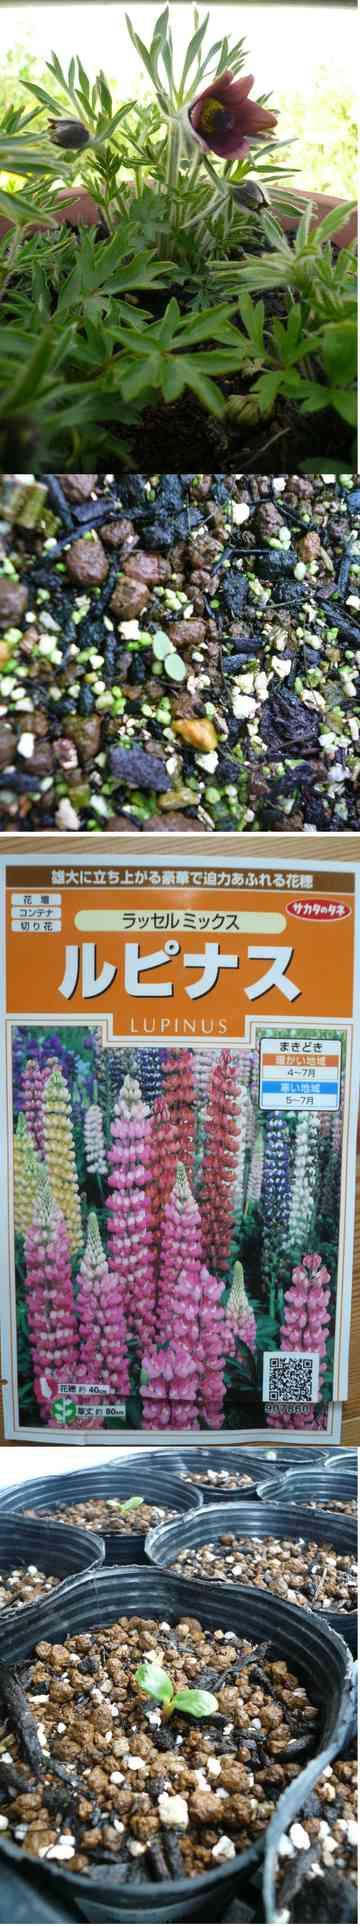 ルピナス 種まき